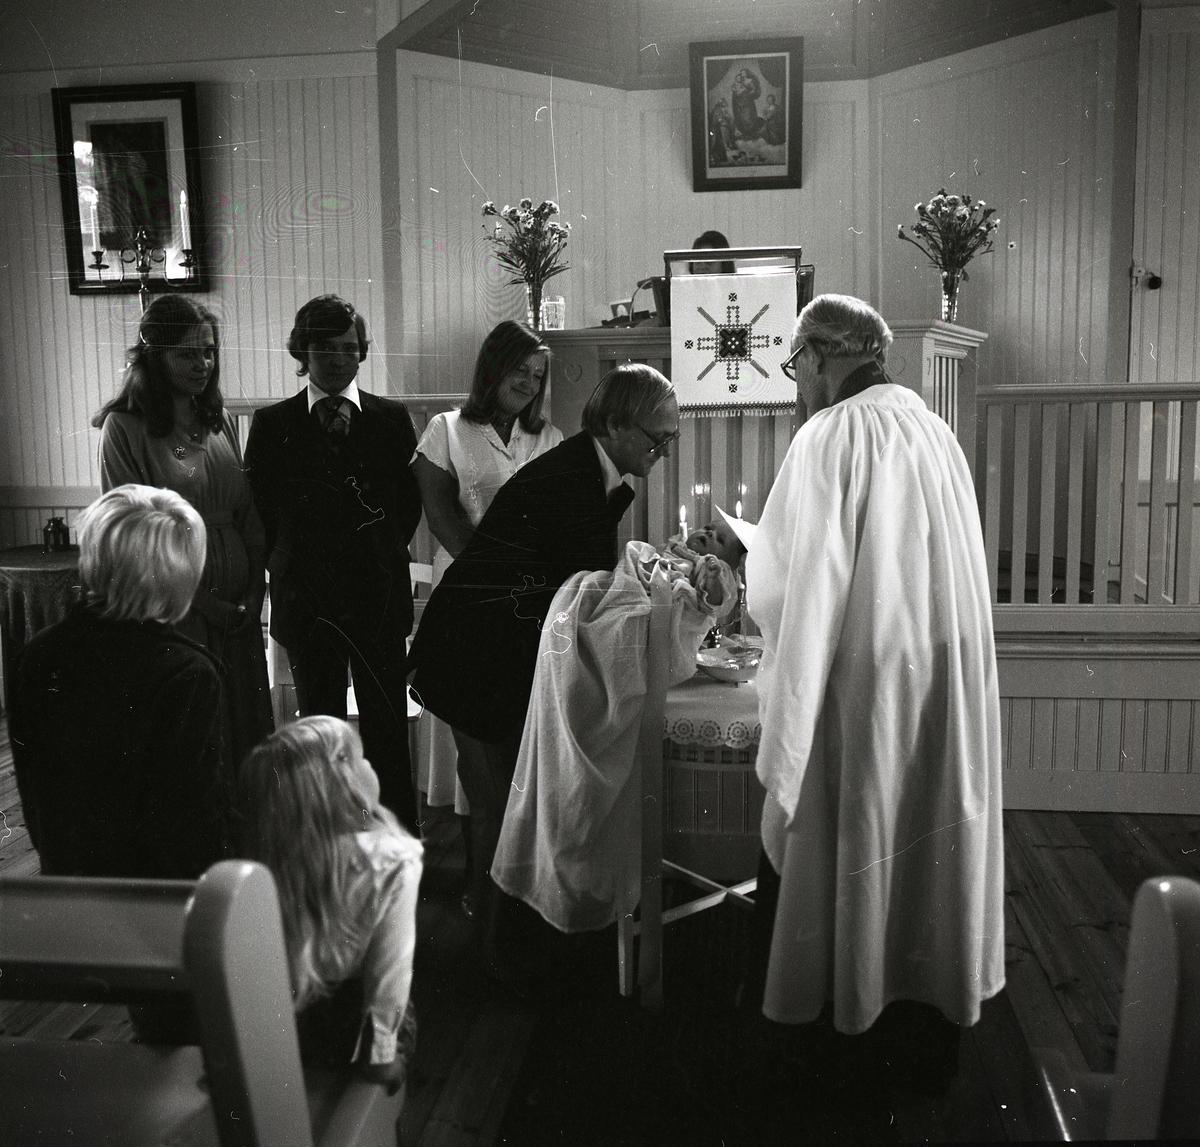 I kyrkans bänkrader sitter två barn och tittar omkring sig. De verkar måttligt intresserade av dopet som utspelar sig framför dem. Prästen iklädd vit kappa står framför bordet med vigvatten i en metallskål. En man sänker försiktigt ned barnen mot skålen för att döpas. Barnet bär en lång dopklänning och bakom dess huvud lyser två ljus. Två kvinnor och en man beskådar händelsen med glada miner.